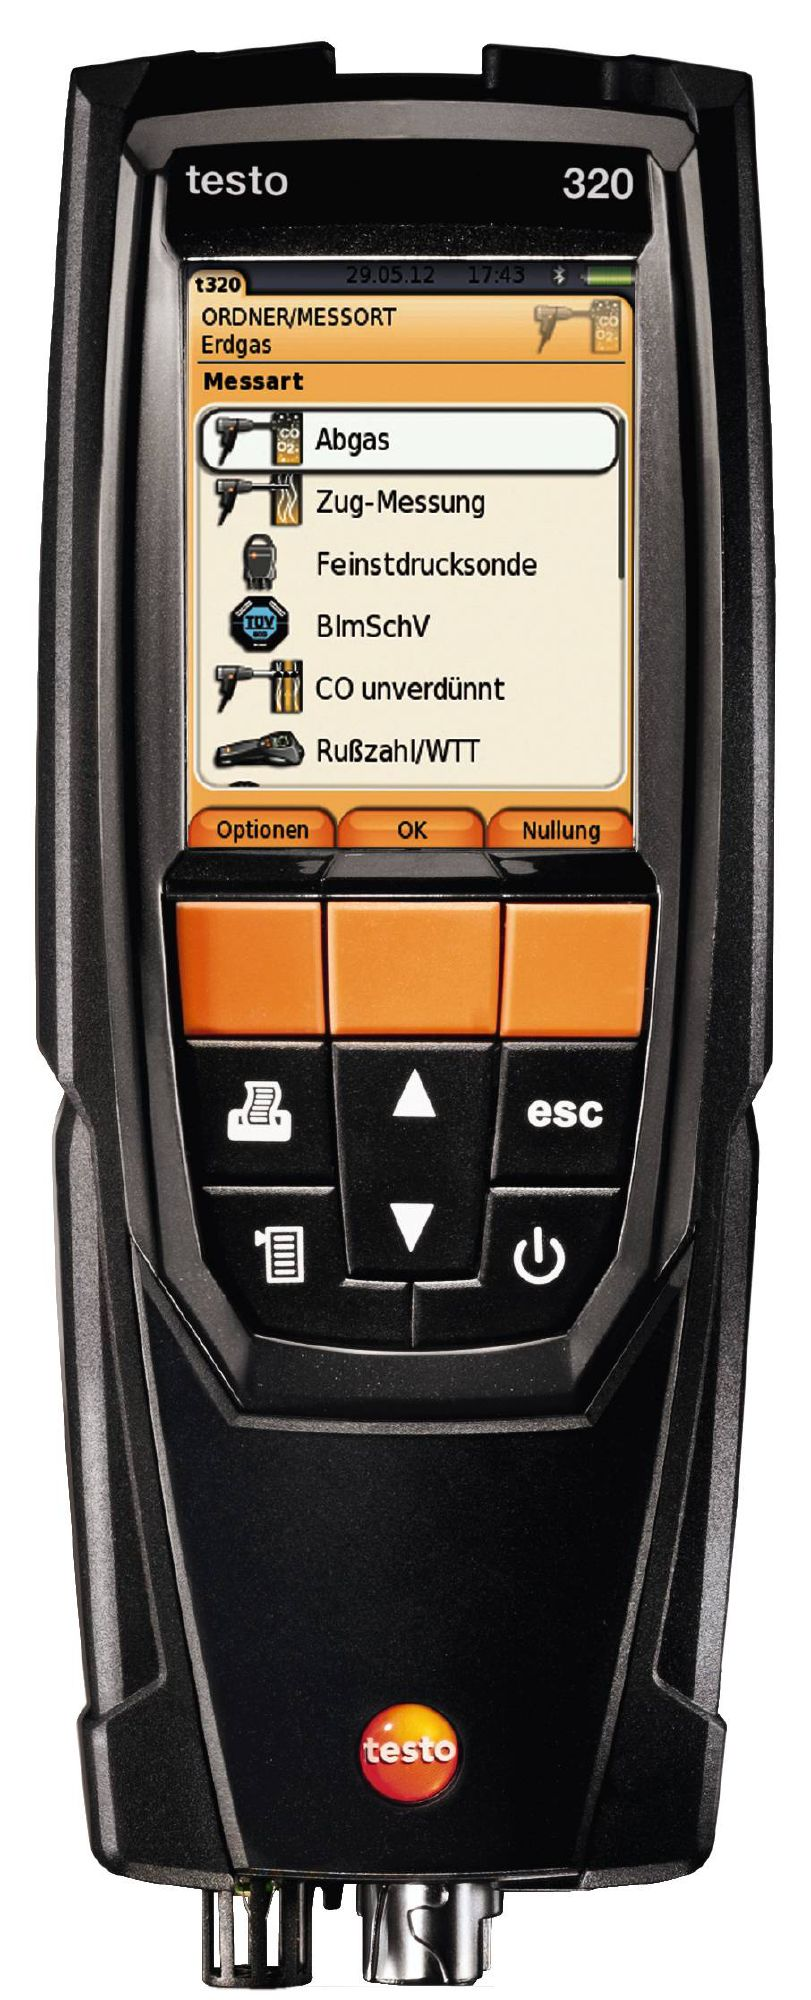 testo-320-instrument-emission-003684.jpg